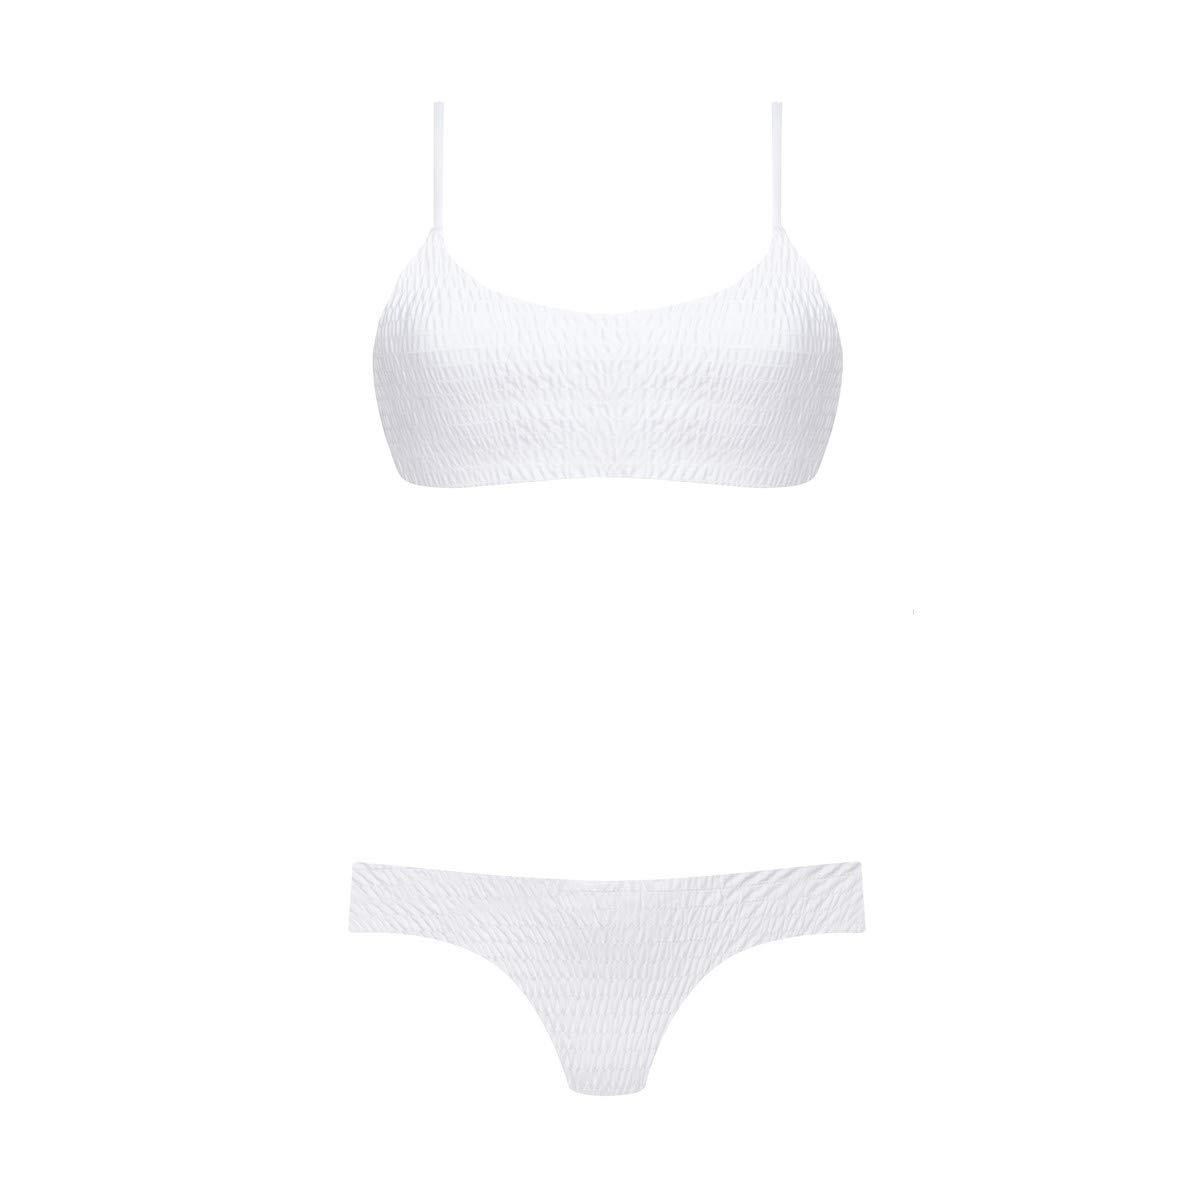 Bikini Samara - Weiß Ruched Top & Cheeky Bottom - Größe Extra Large B07PRMXN4L Bikinihosen eine große Vielfalt von Waren